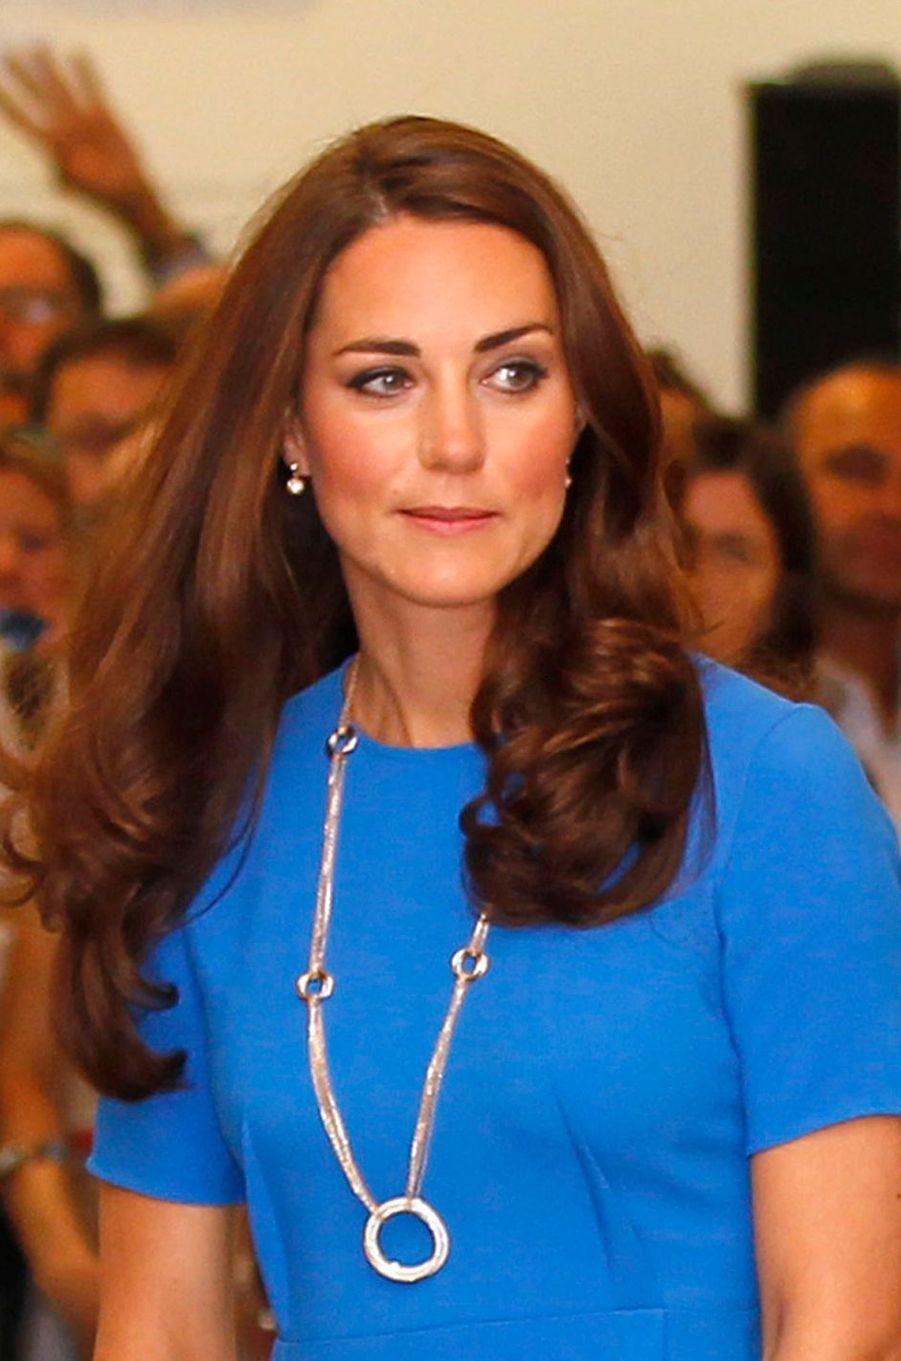 La duchesse Catherine de Cambridge porte son collier Cartier, le 19 juillet 2012